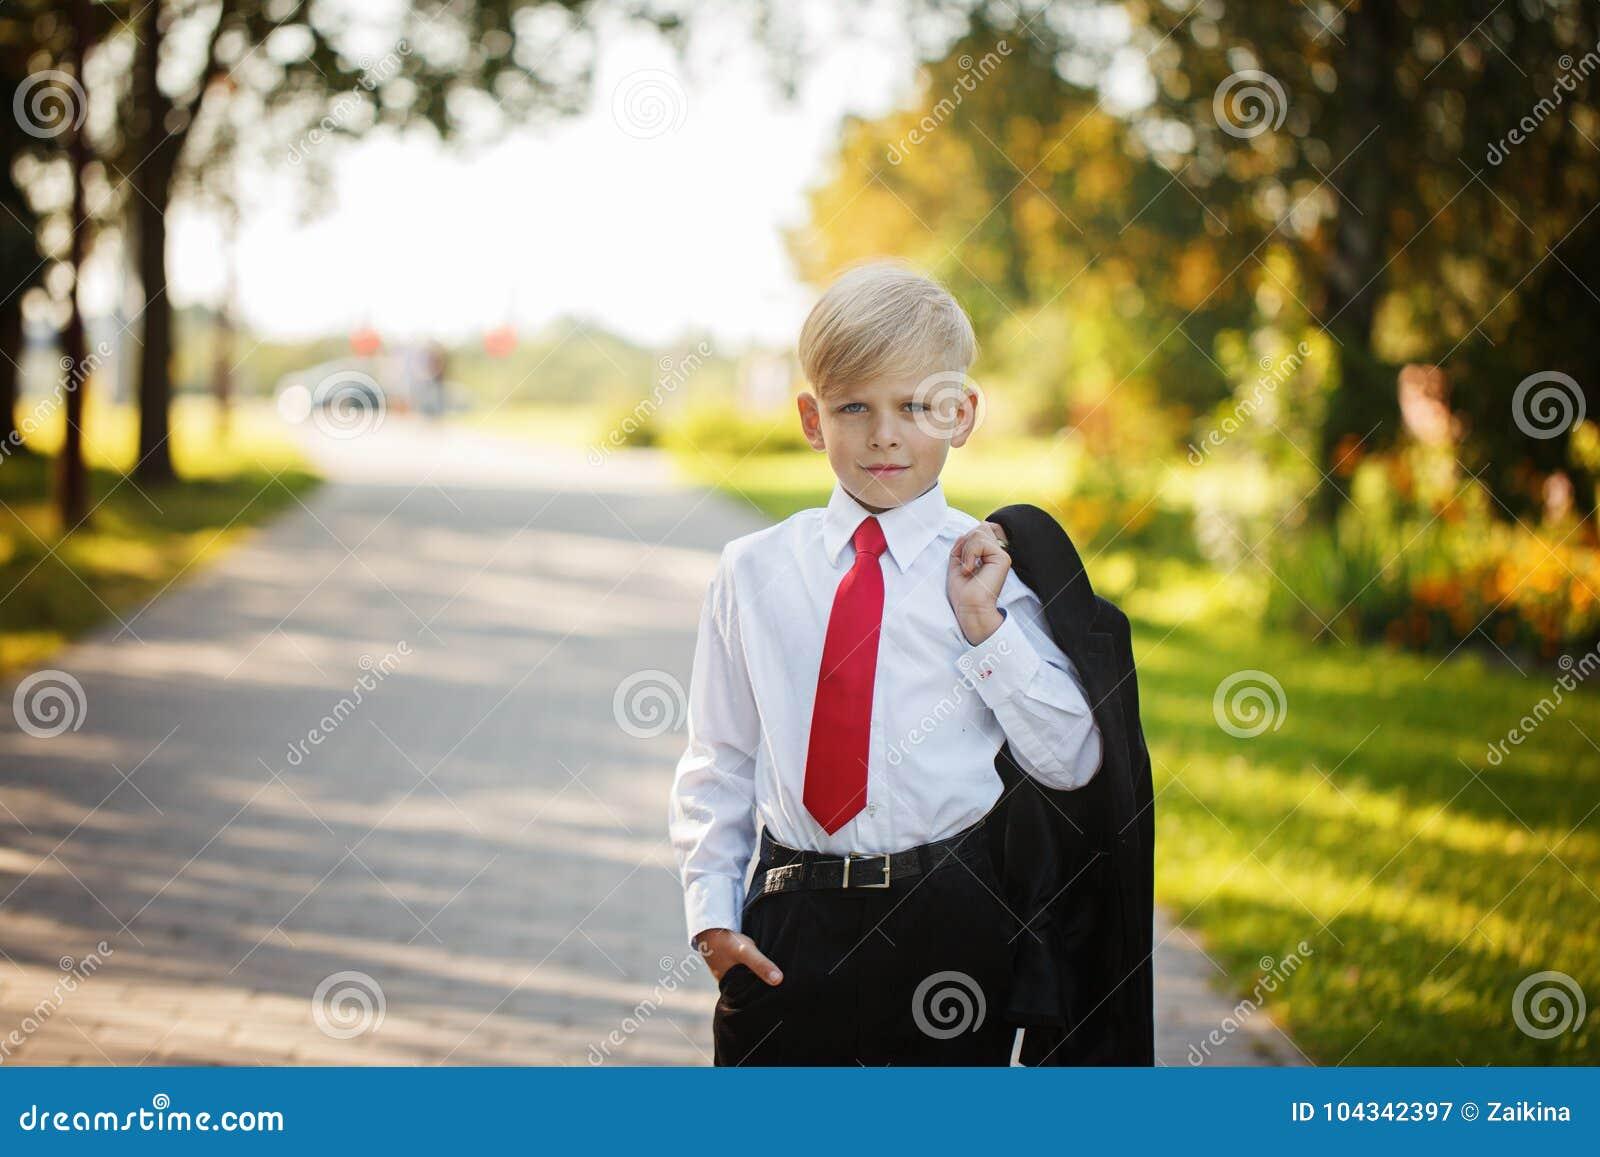 Terno de negócio vestindo do rapaz pequeno e laço vermelho no fundo da natureza